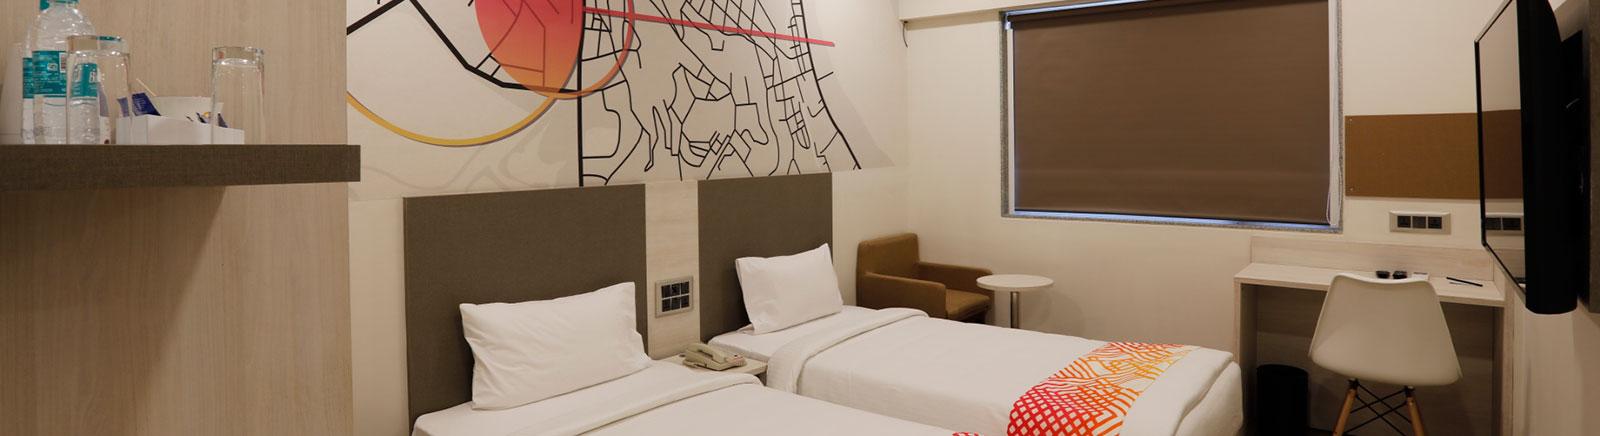 Ginger Hotel Sanand